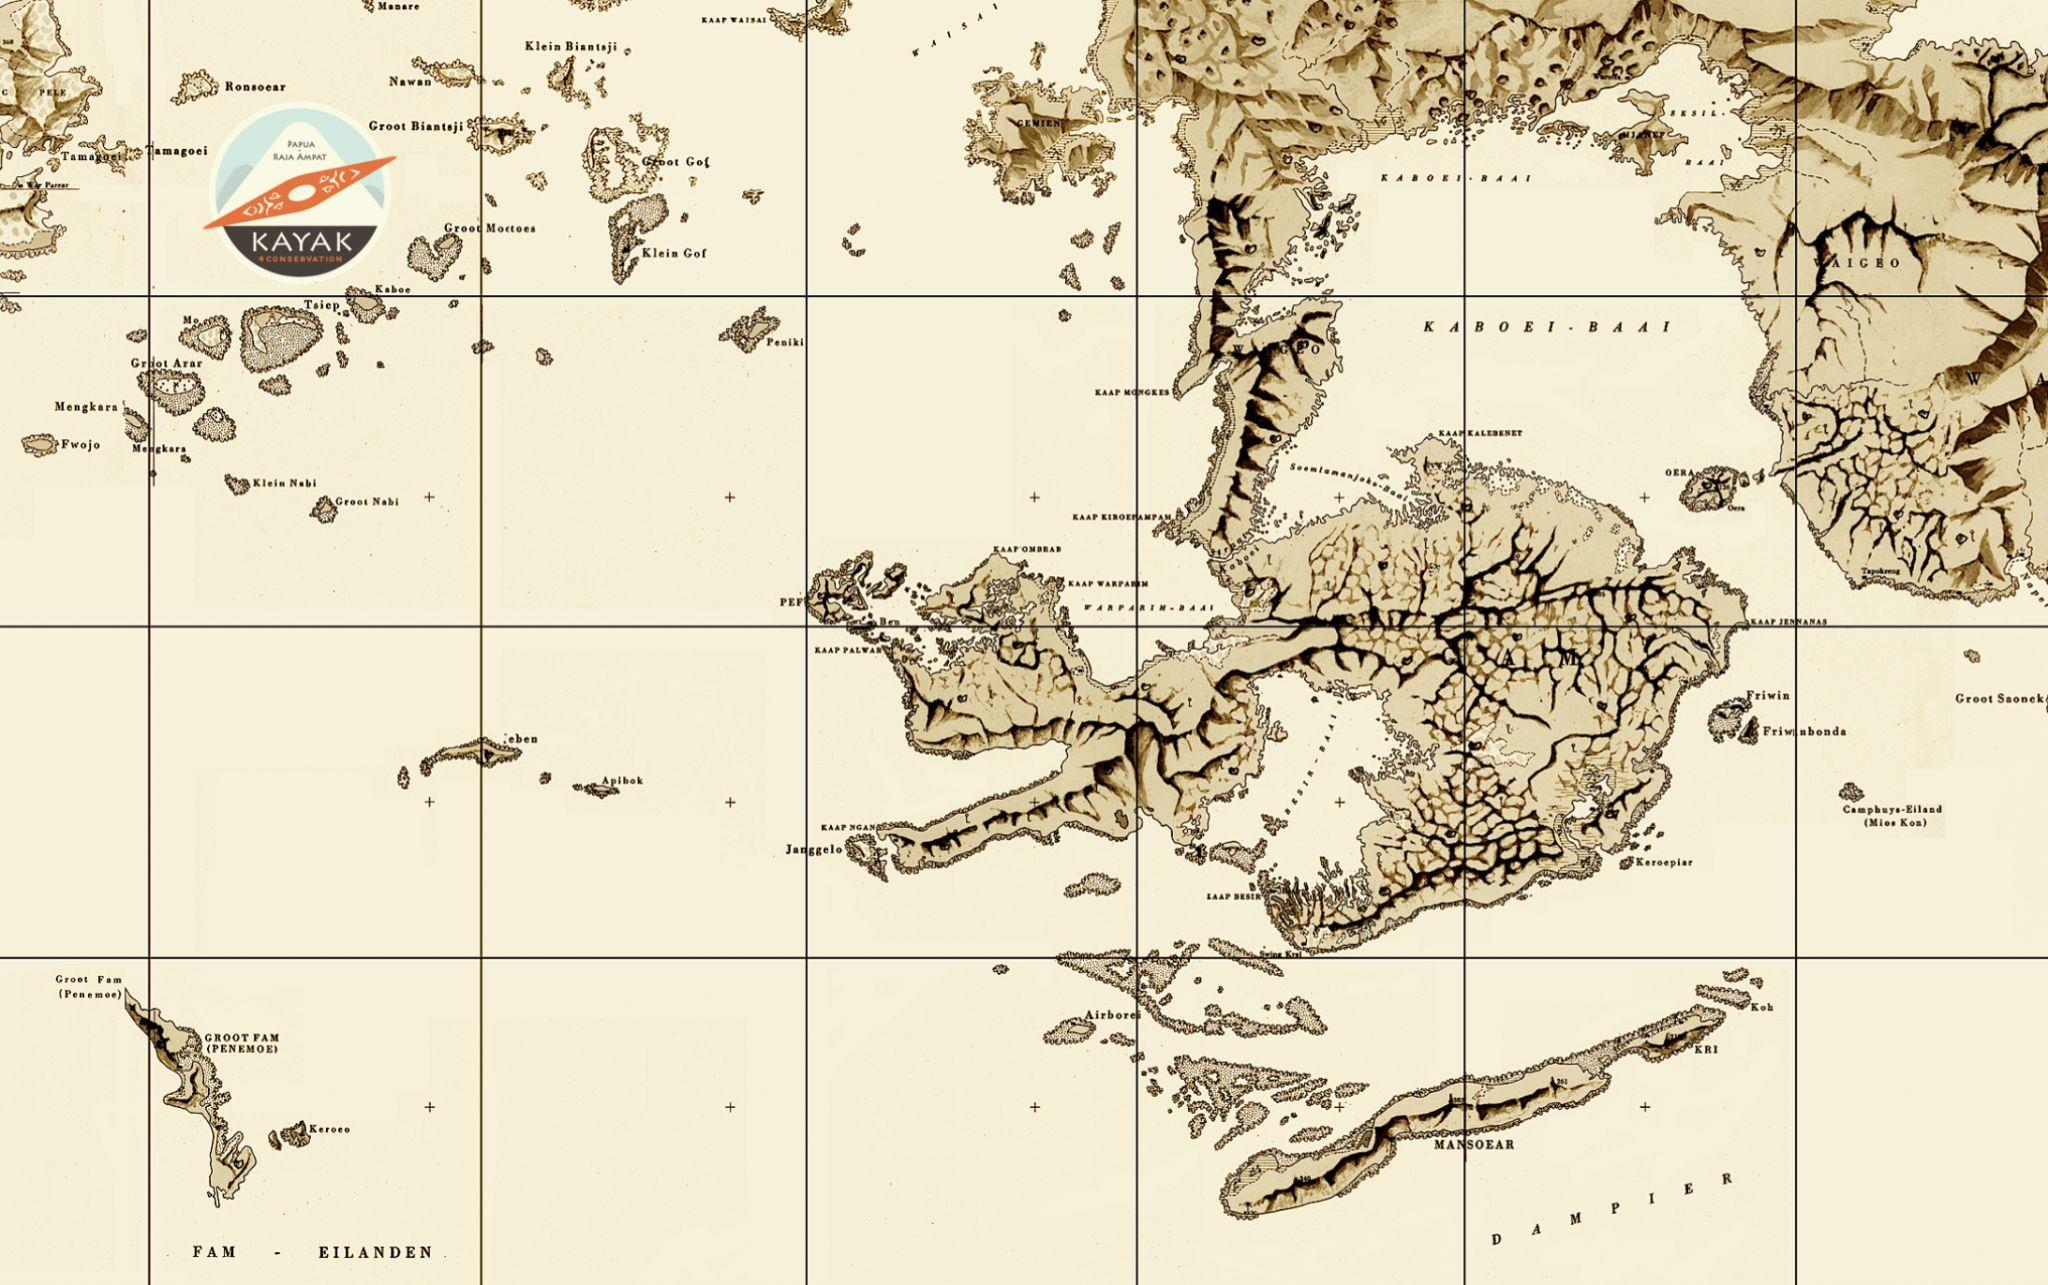 K4C Raja Ampat Map